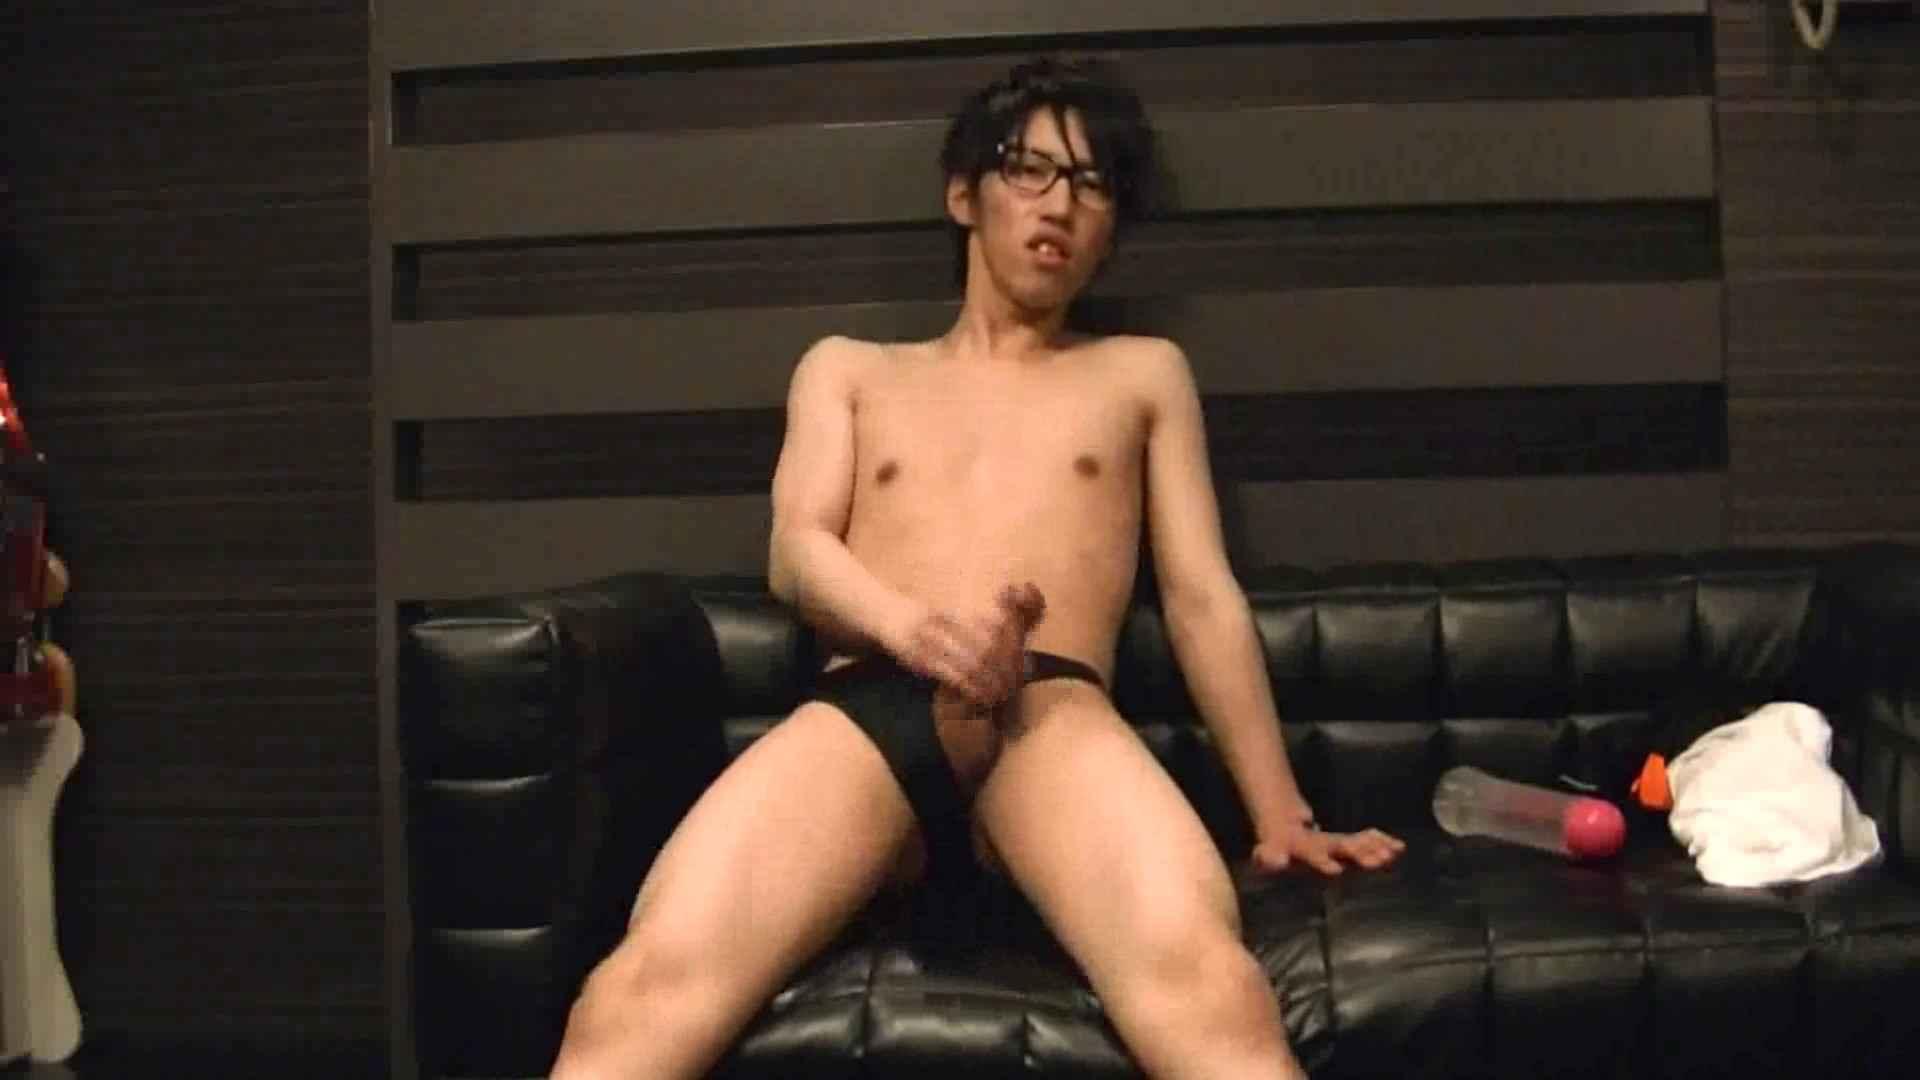 ONA見せカーニバル!! Vol3 男の世界 | オナニー専門男子  98画像 95